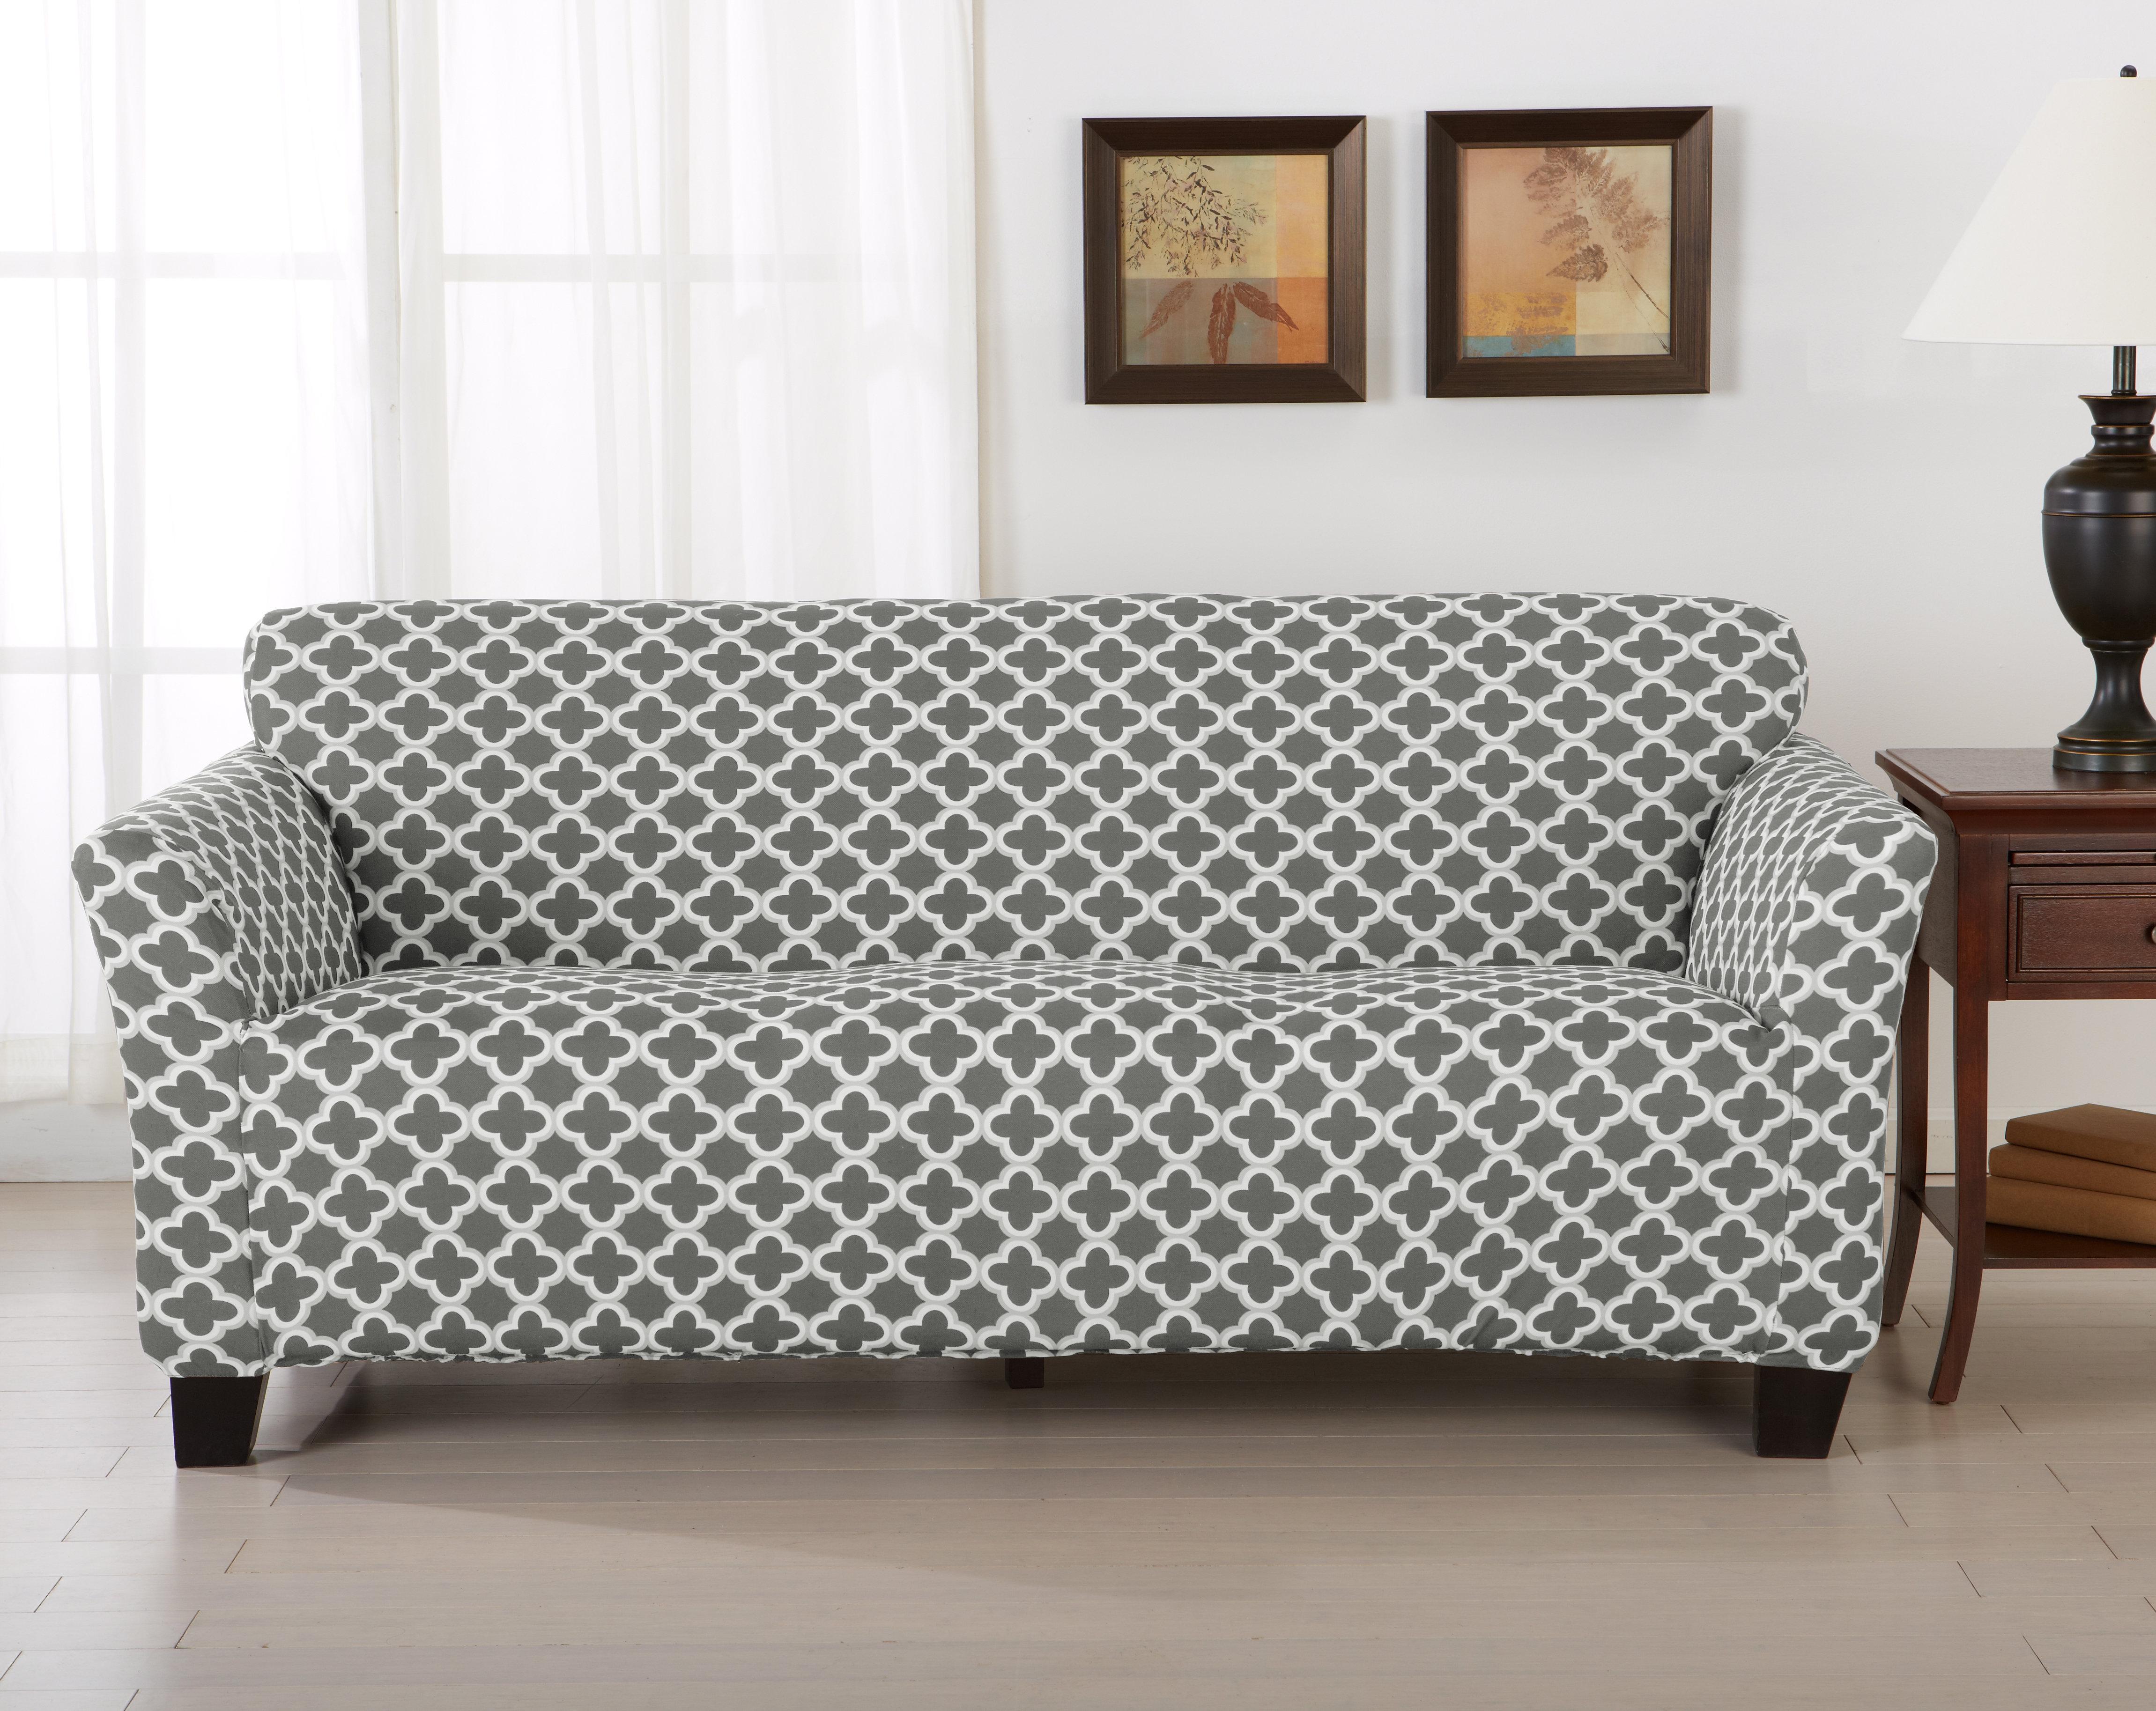 Home Fashion Designs Brenna Box Cushion Sofa Slipcover & Reviews | Wayfair